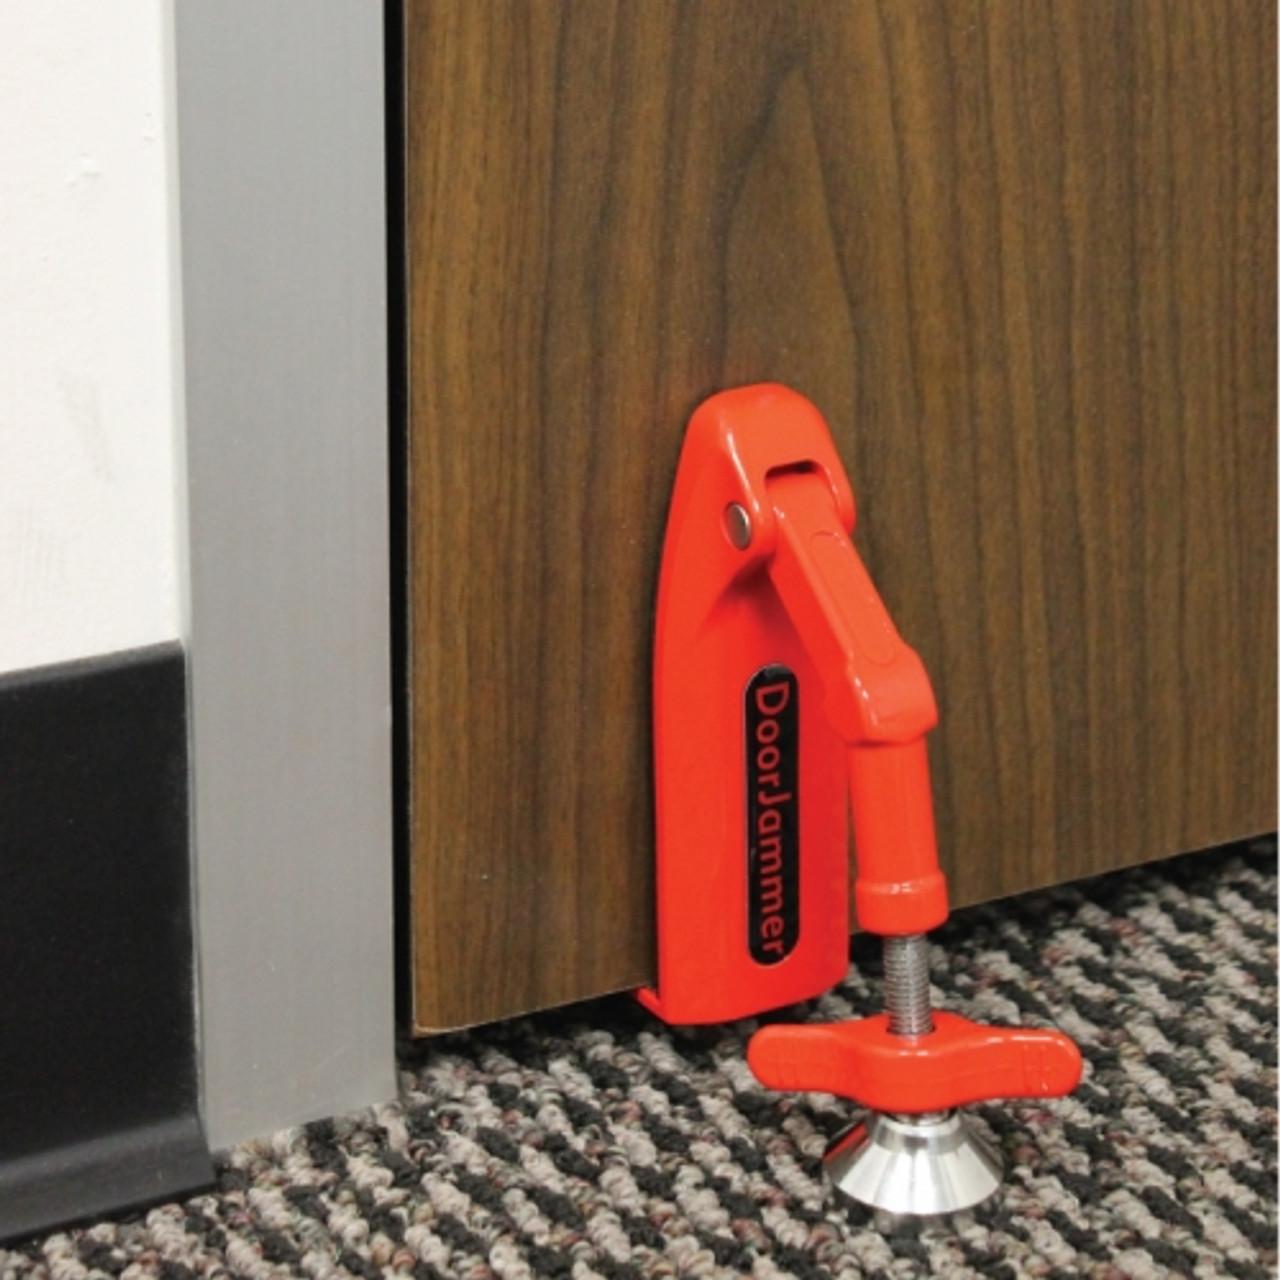 Streetwise Door Jammer: Portable security Device for Doors